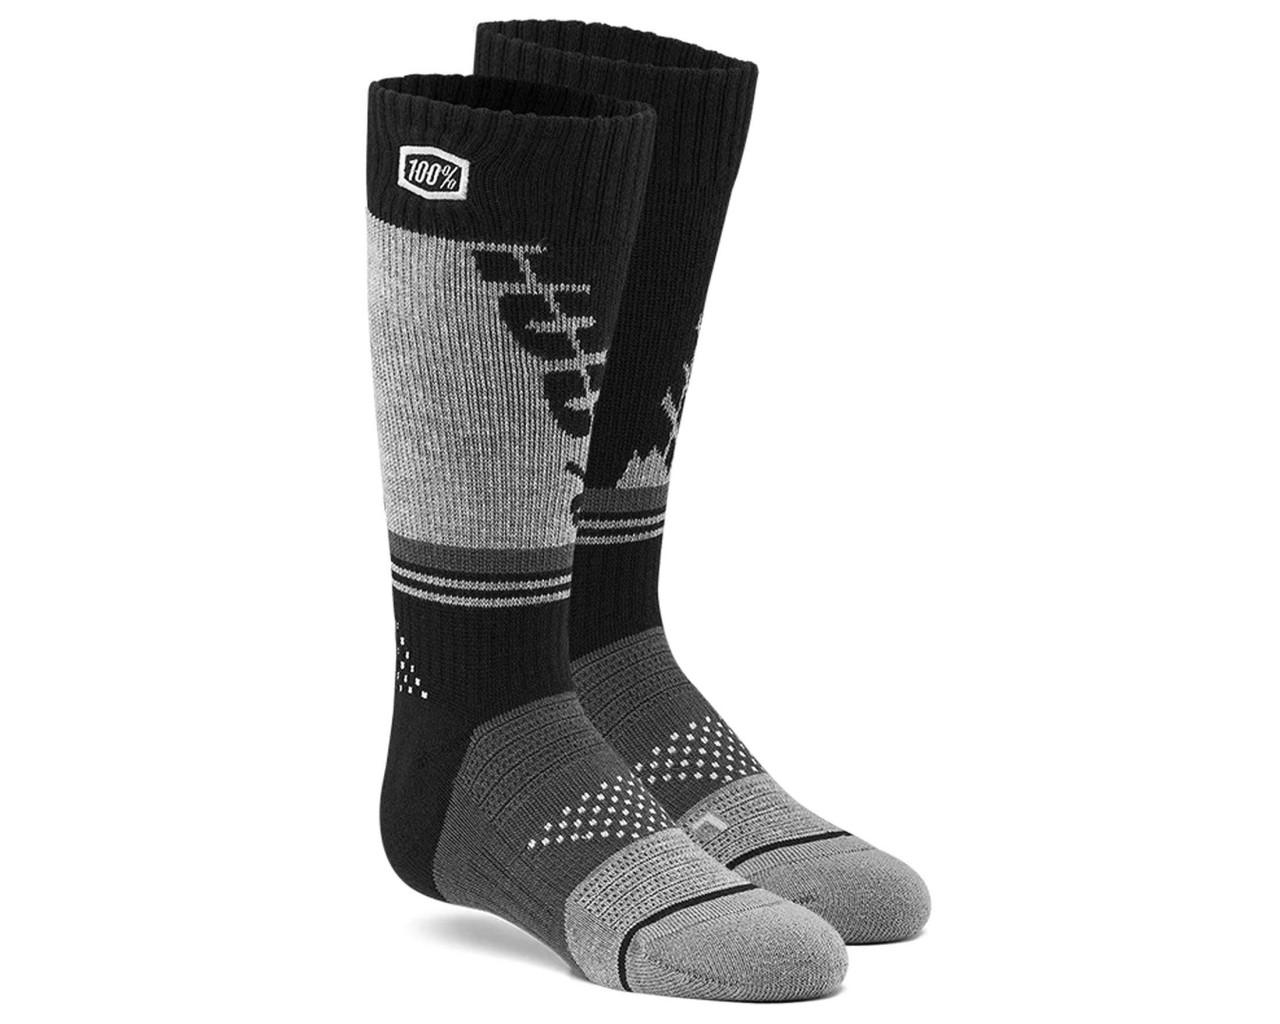 100% Torque Comfort Moto Socks | black-grey